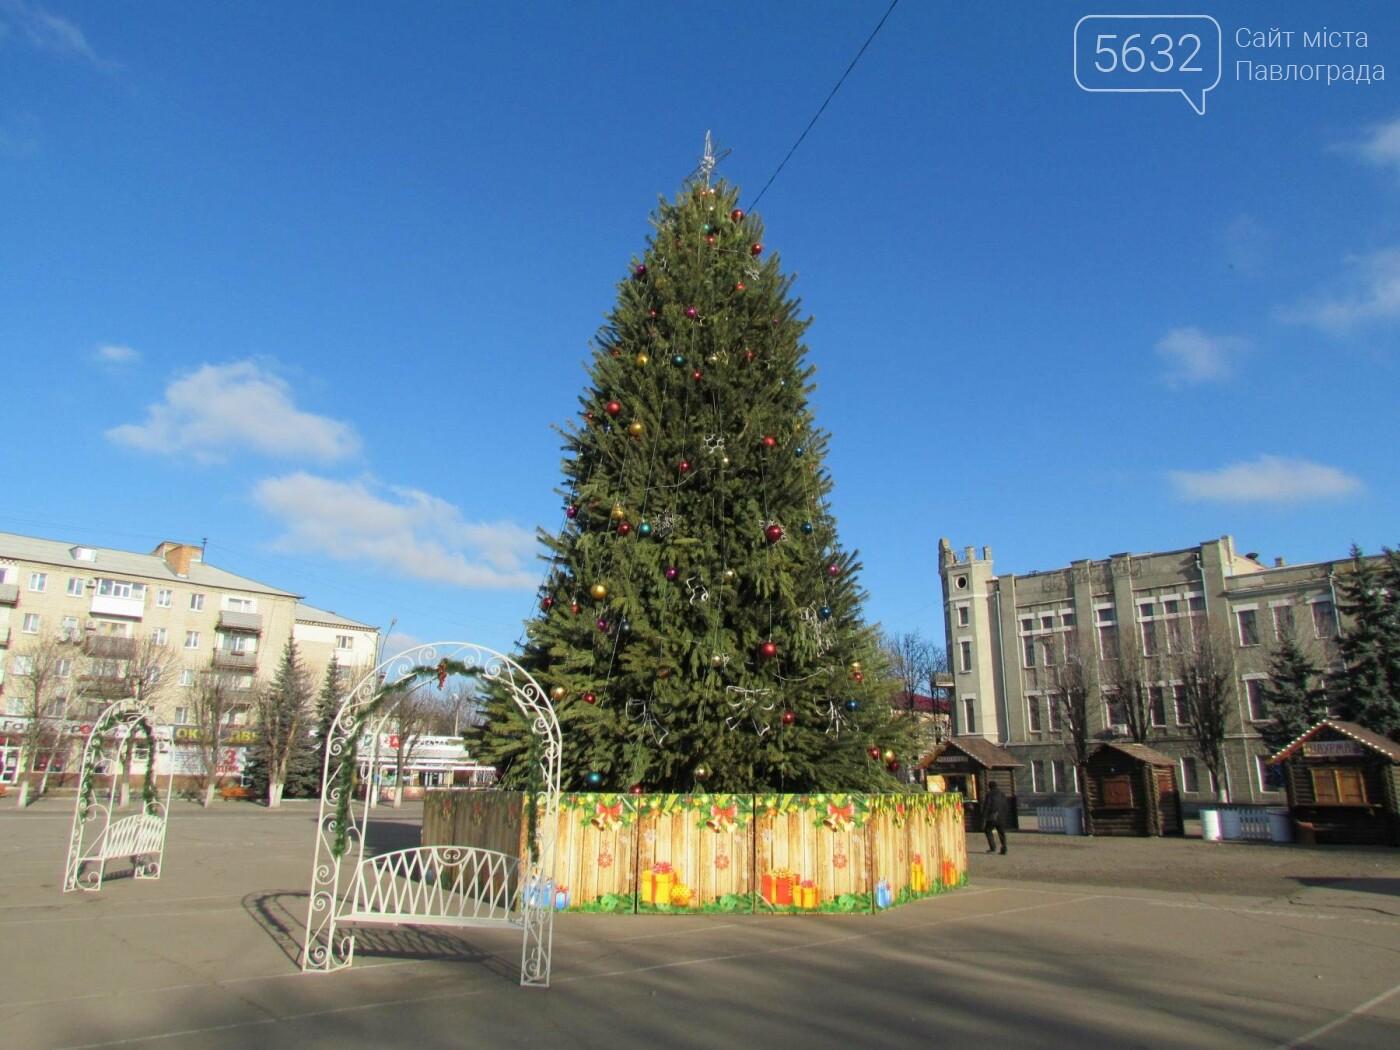 Павлоградцы попрощались с новогодней елкой, фото-4